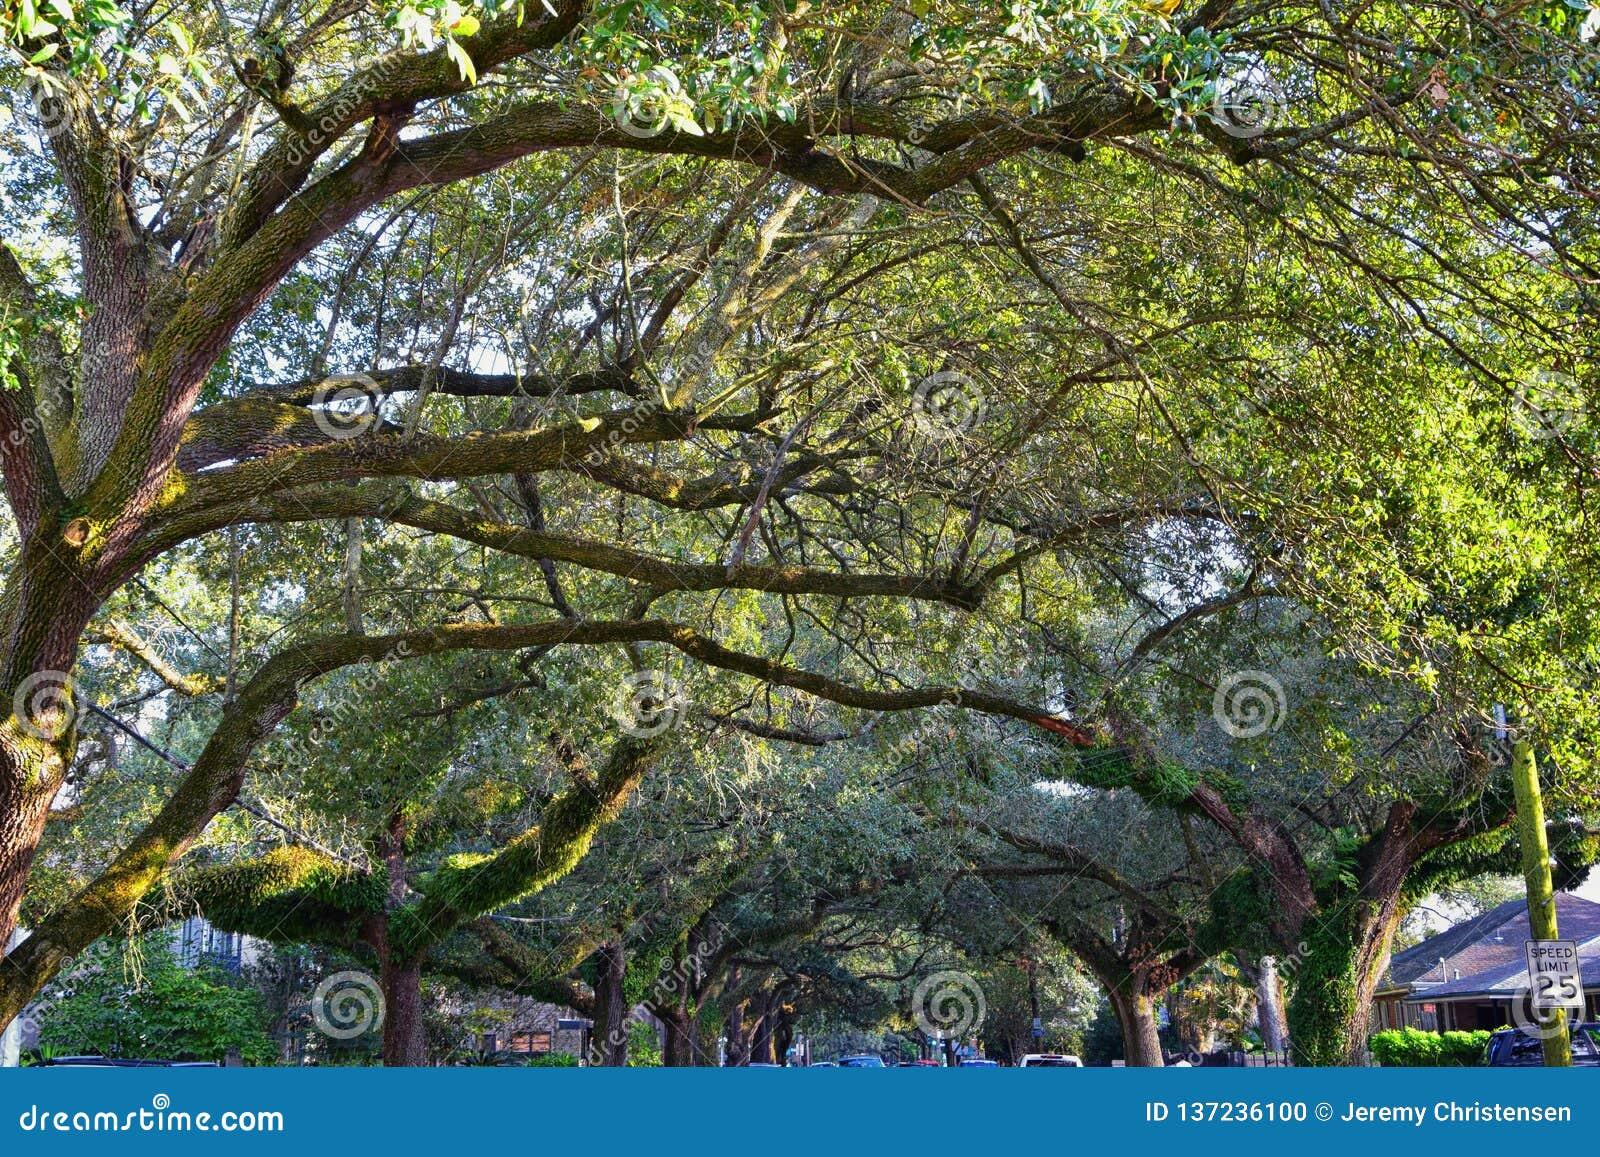 Widoki drzewa i unikalni natura aspekty otacza Nowy Orlean, wliczając odbijać basenów w cmentarzach i Ogrodowym okręgu